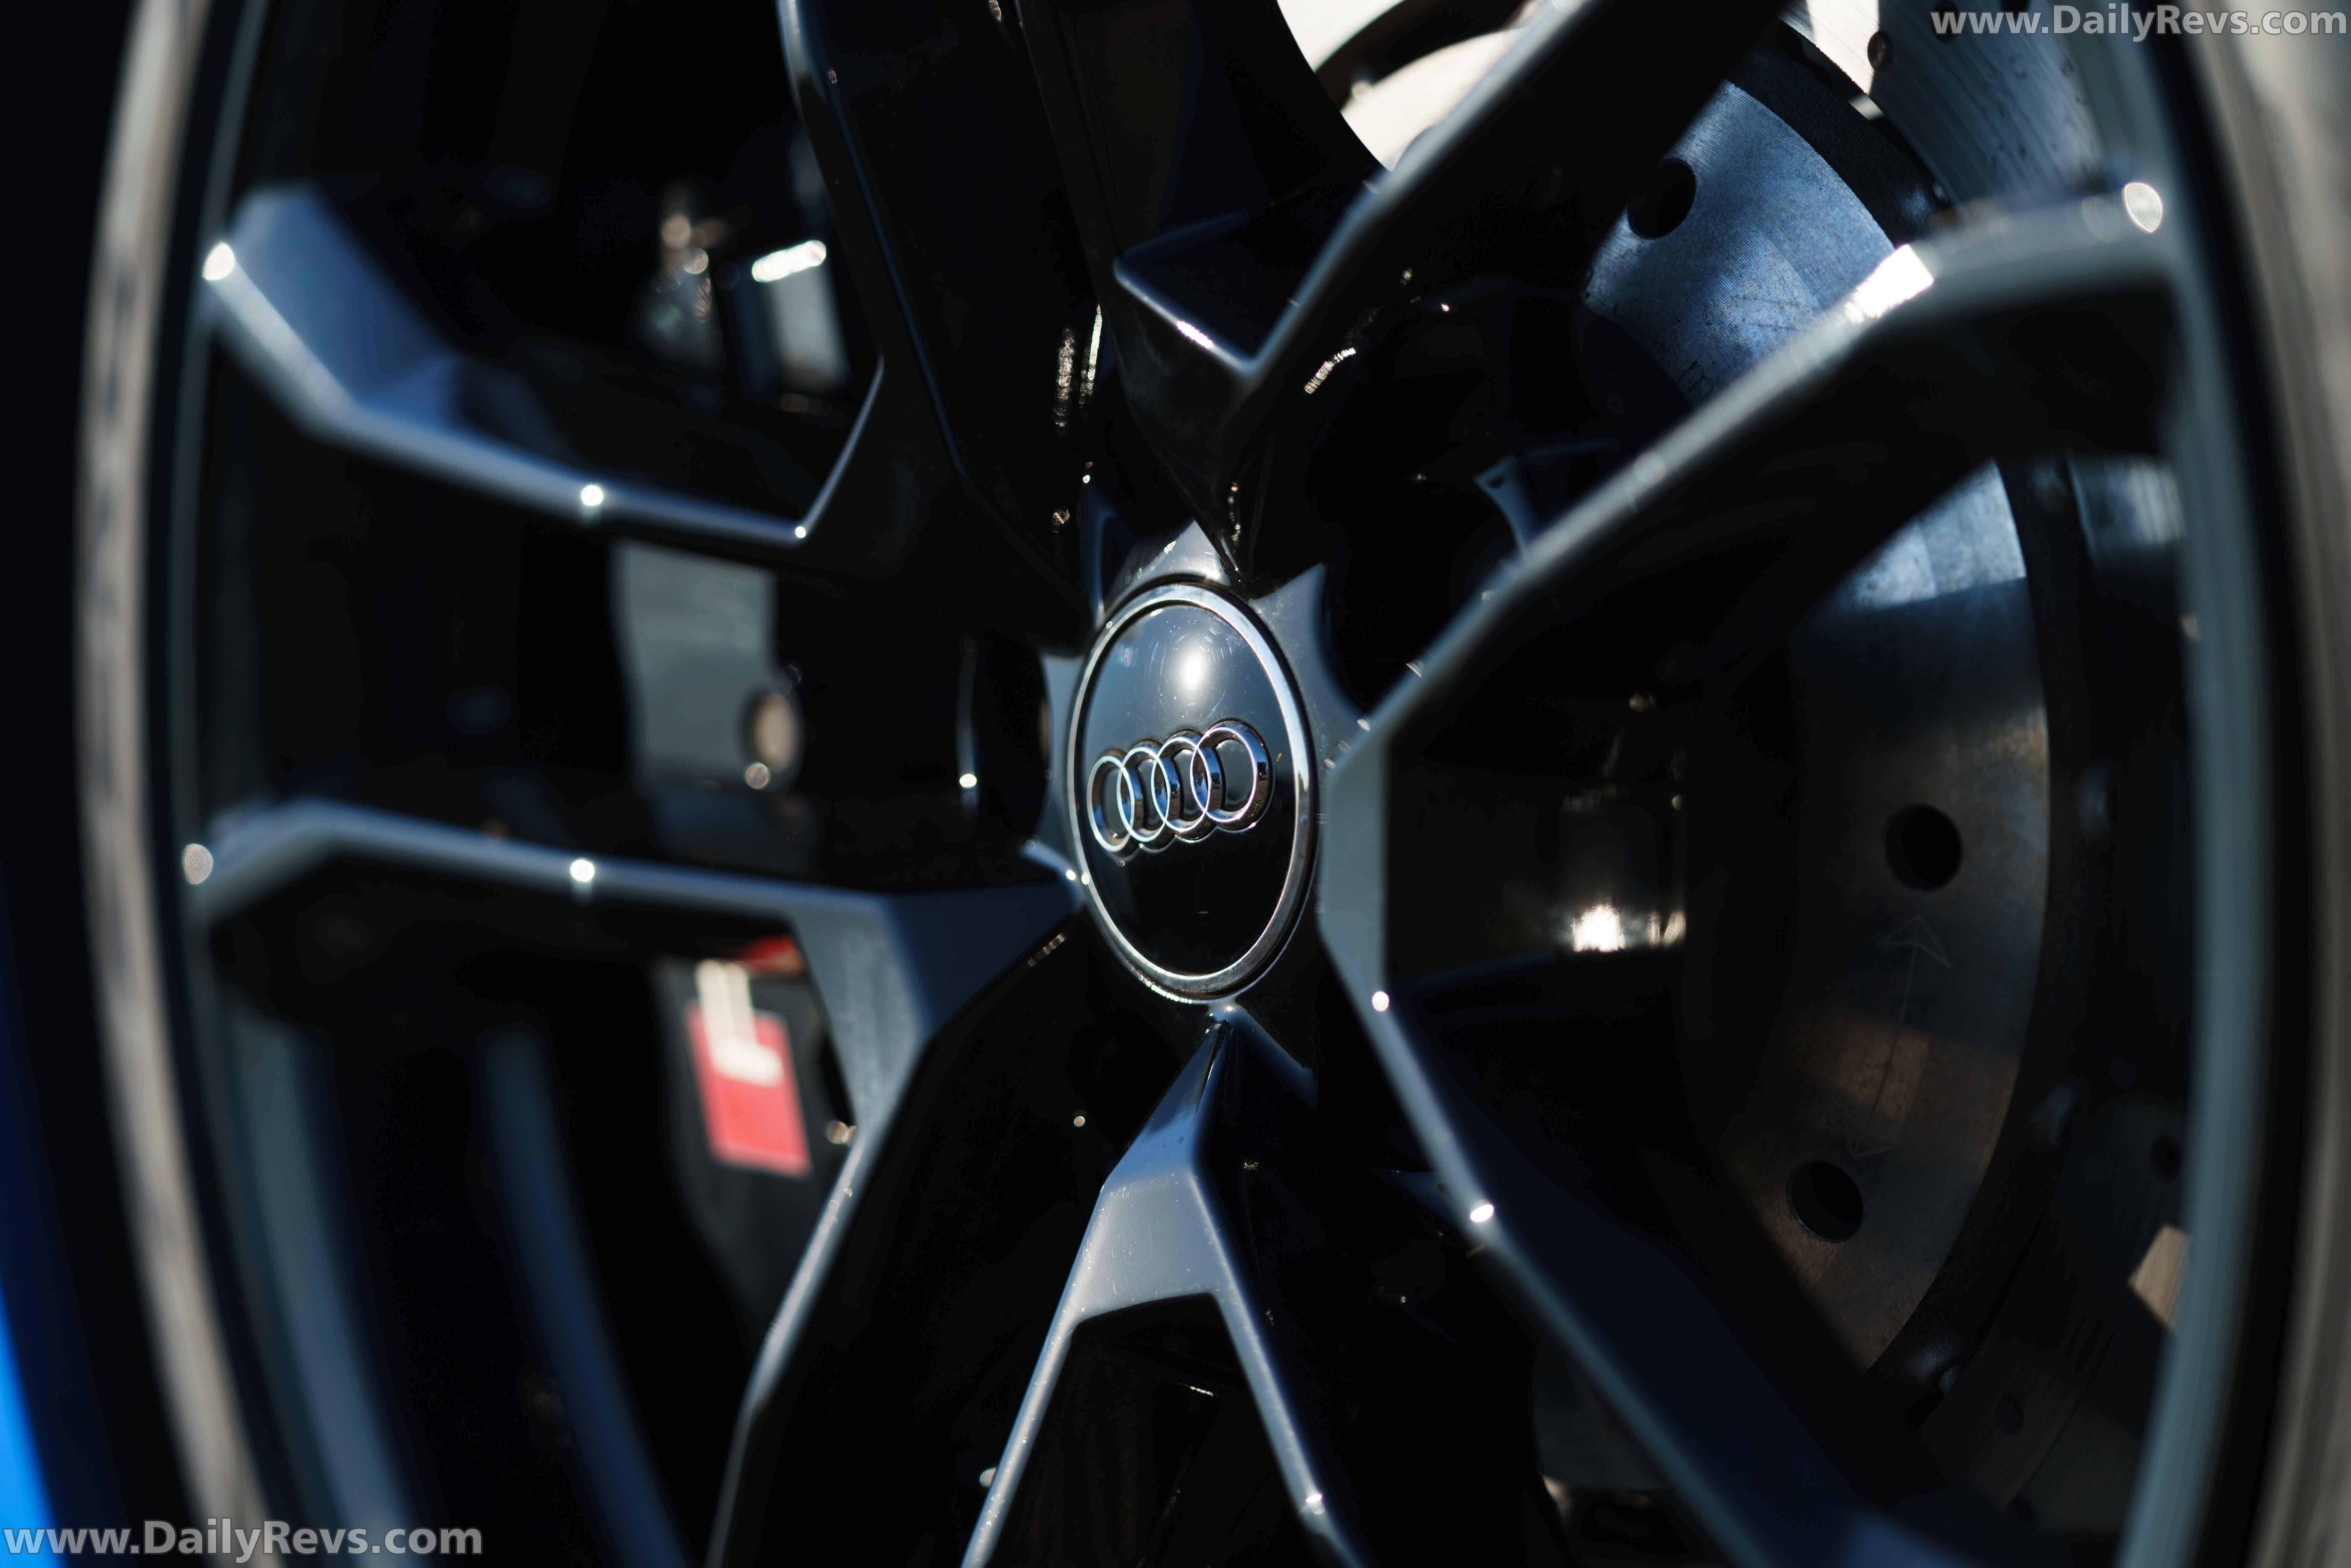 2020 Audi R8 V10 Rwd Coupe Uk Dailyrevs In 2020 Audi R8 V10 Audi Audi R8